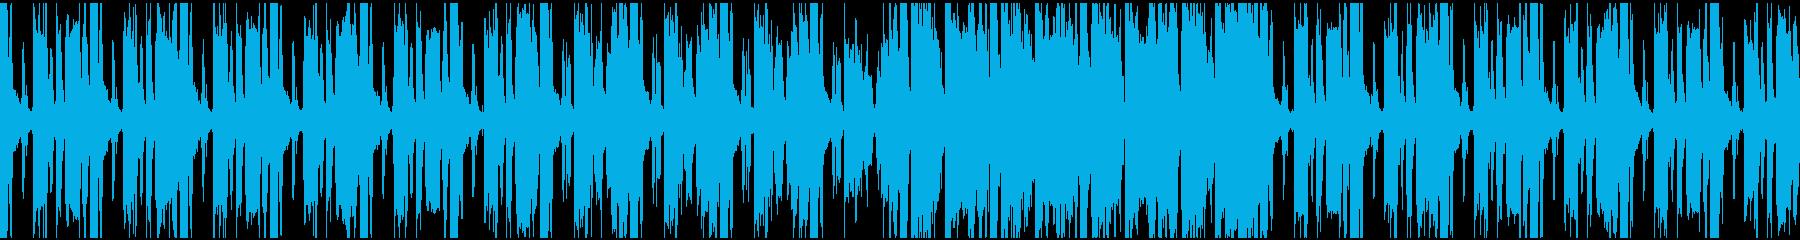 ゲーム/ブリーフィング/メニュー画面の再生済みの波形